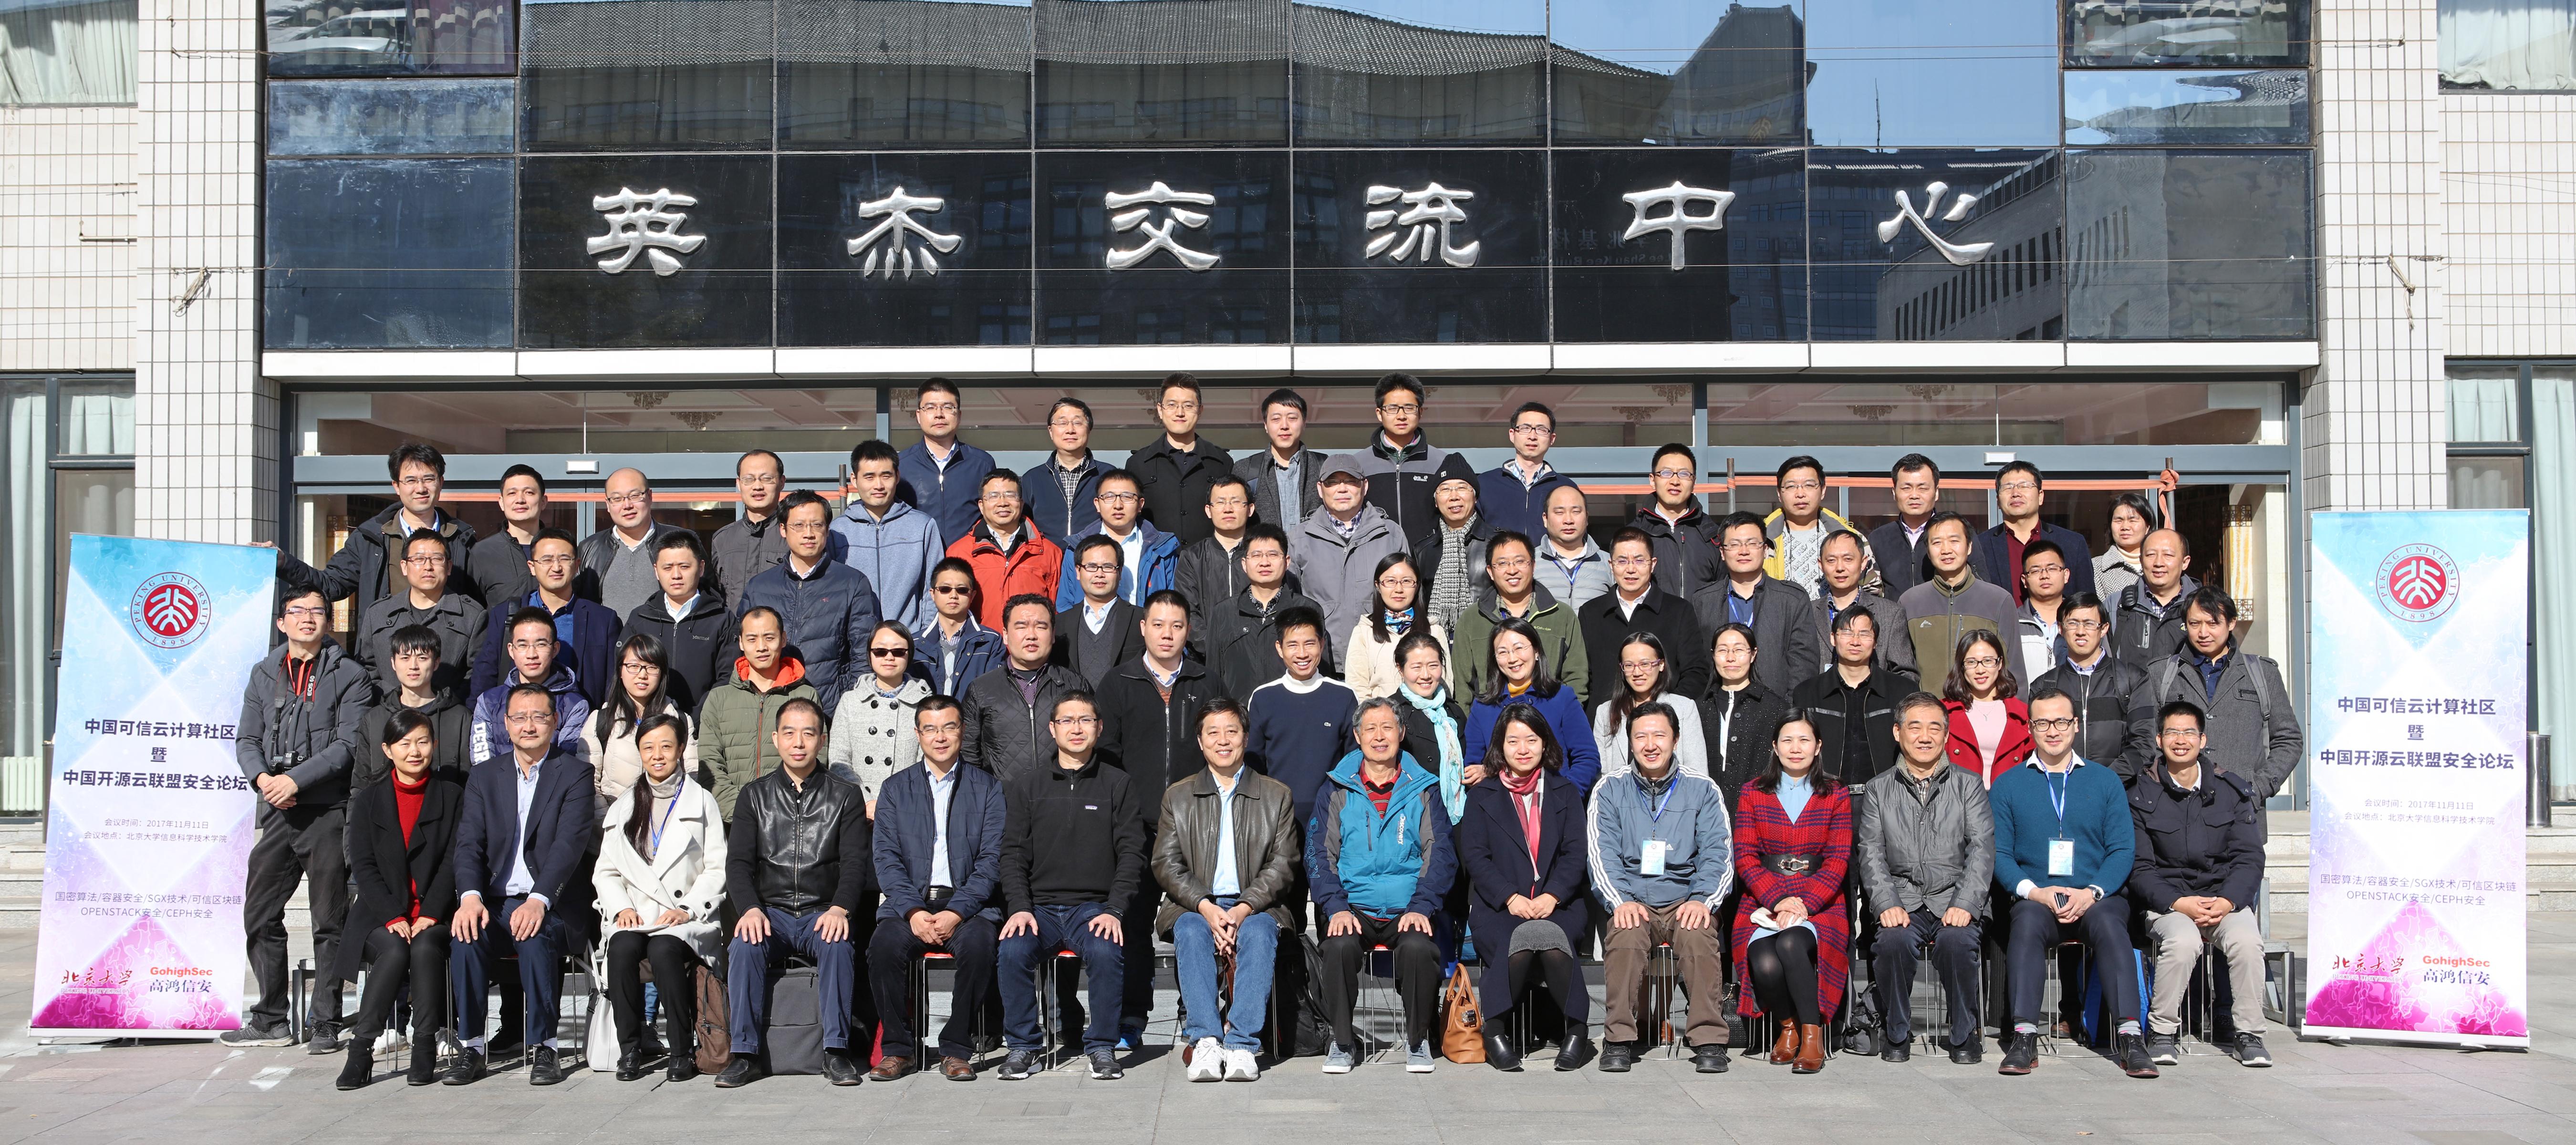 中国可信云计算社区暨中国开源云联盟安全论坛合影留念